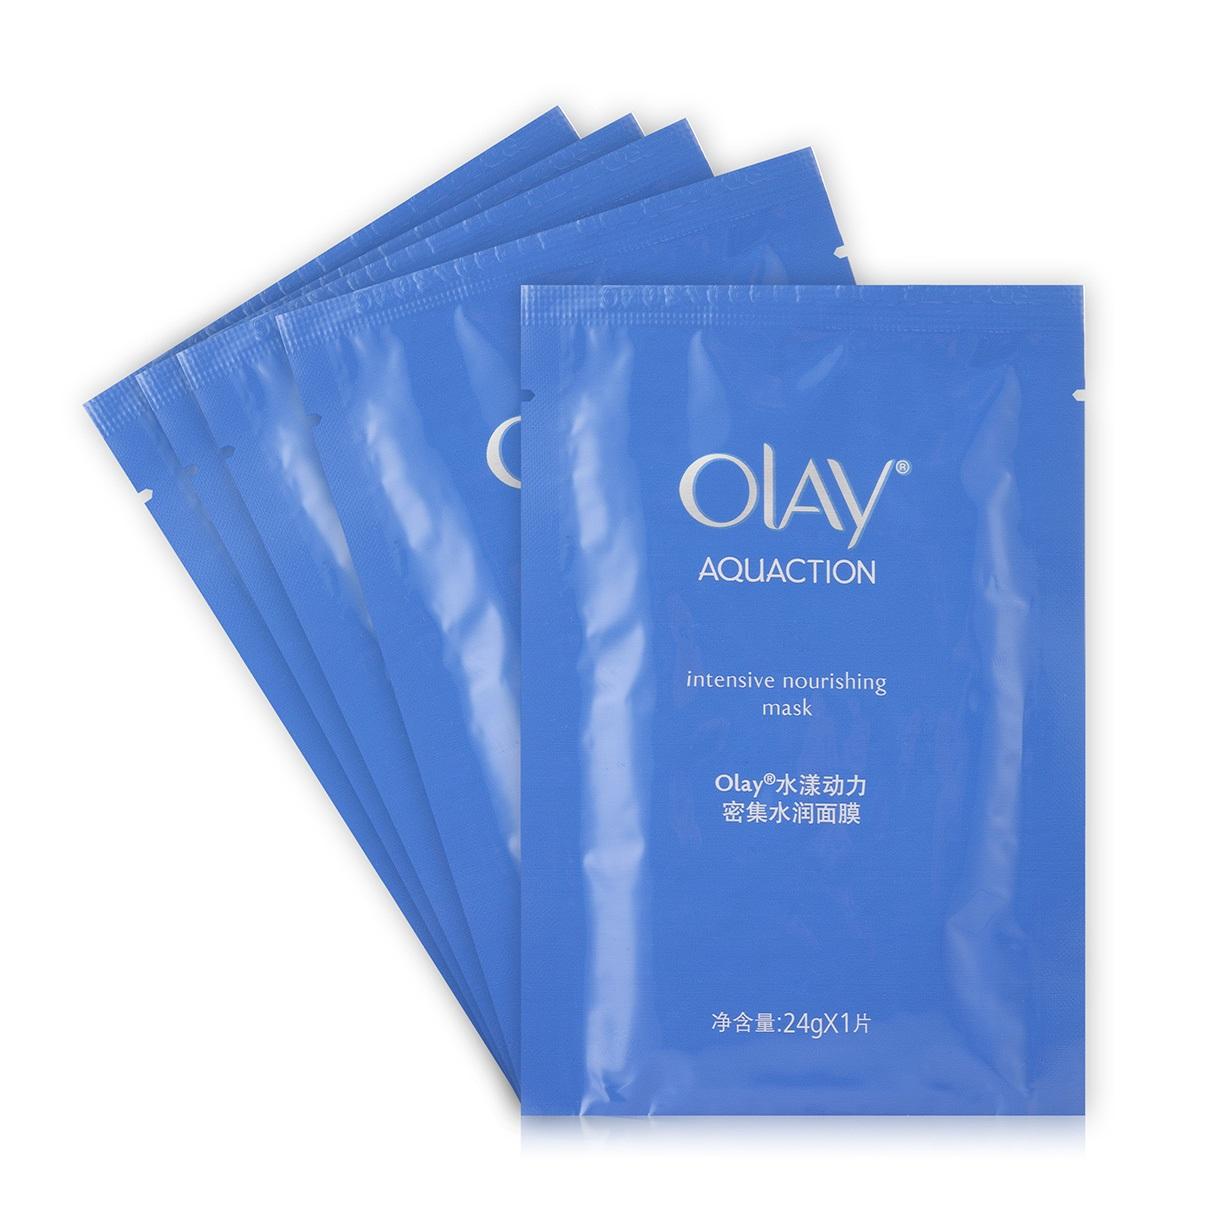 OLAY水漾动力密集水润面膜 密集修护,补充肌肤所需营养